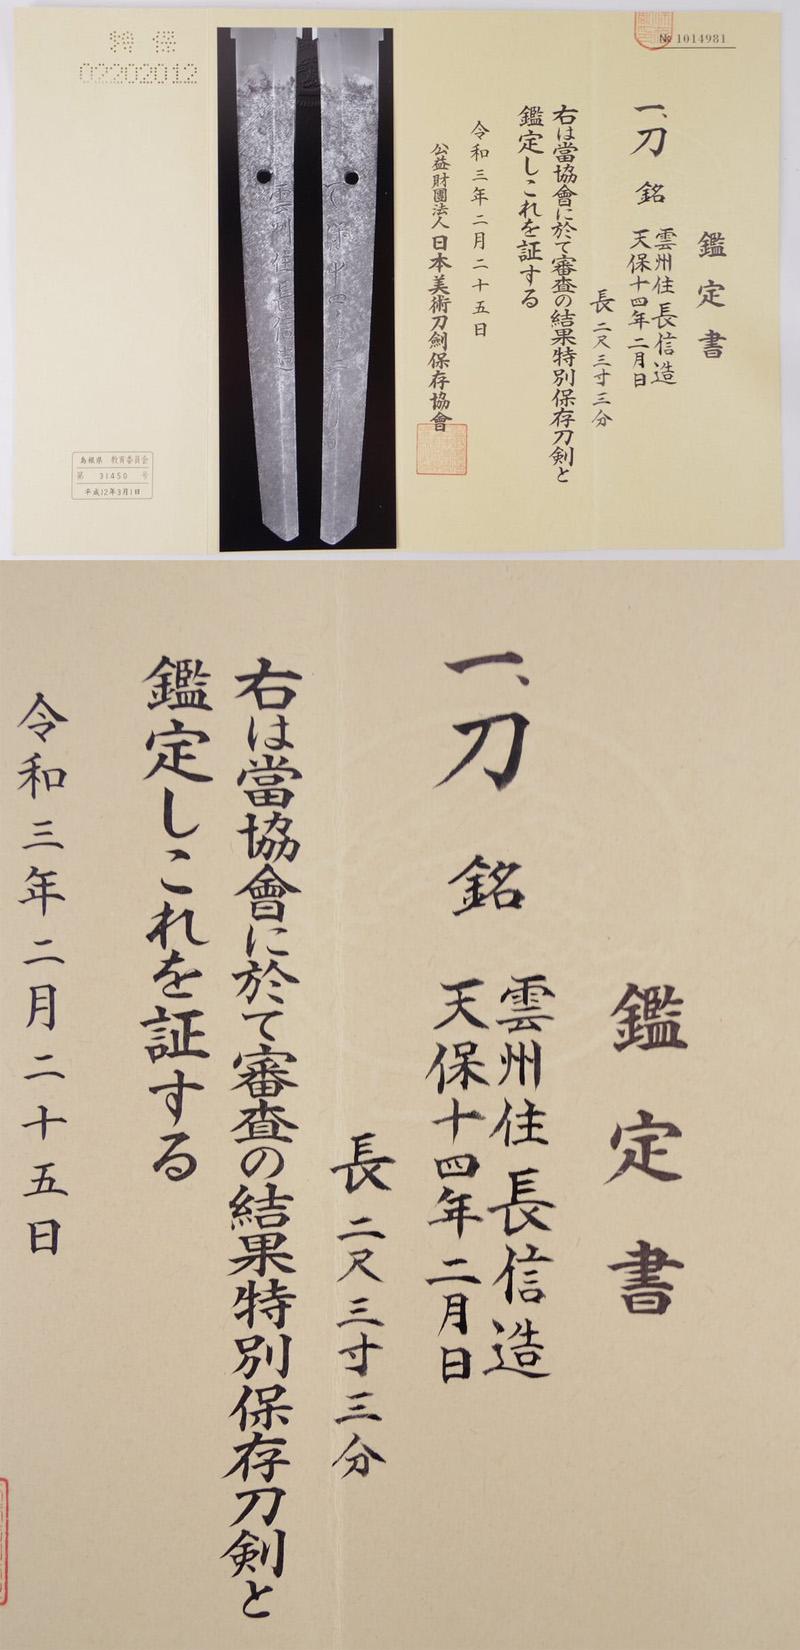 刀 雲州住長信造(高橋長信) (新々刀 上作)  天保十四年二月日 Picture of Certificate